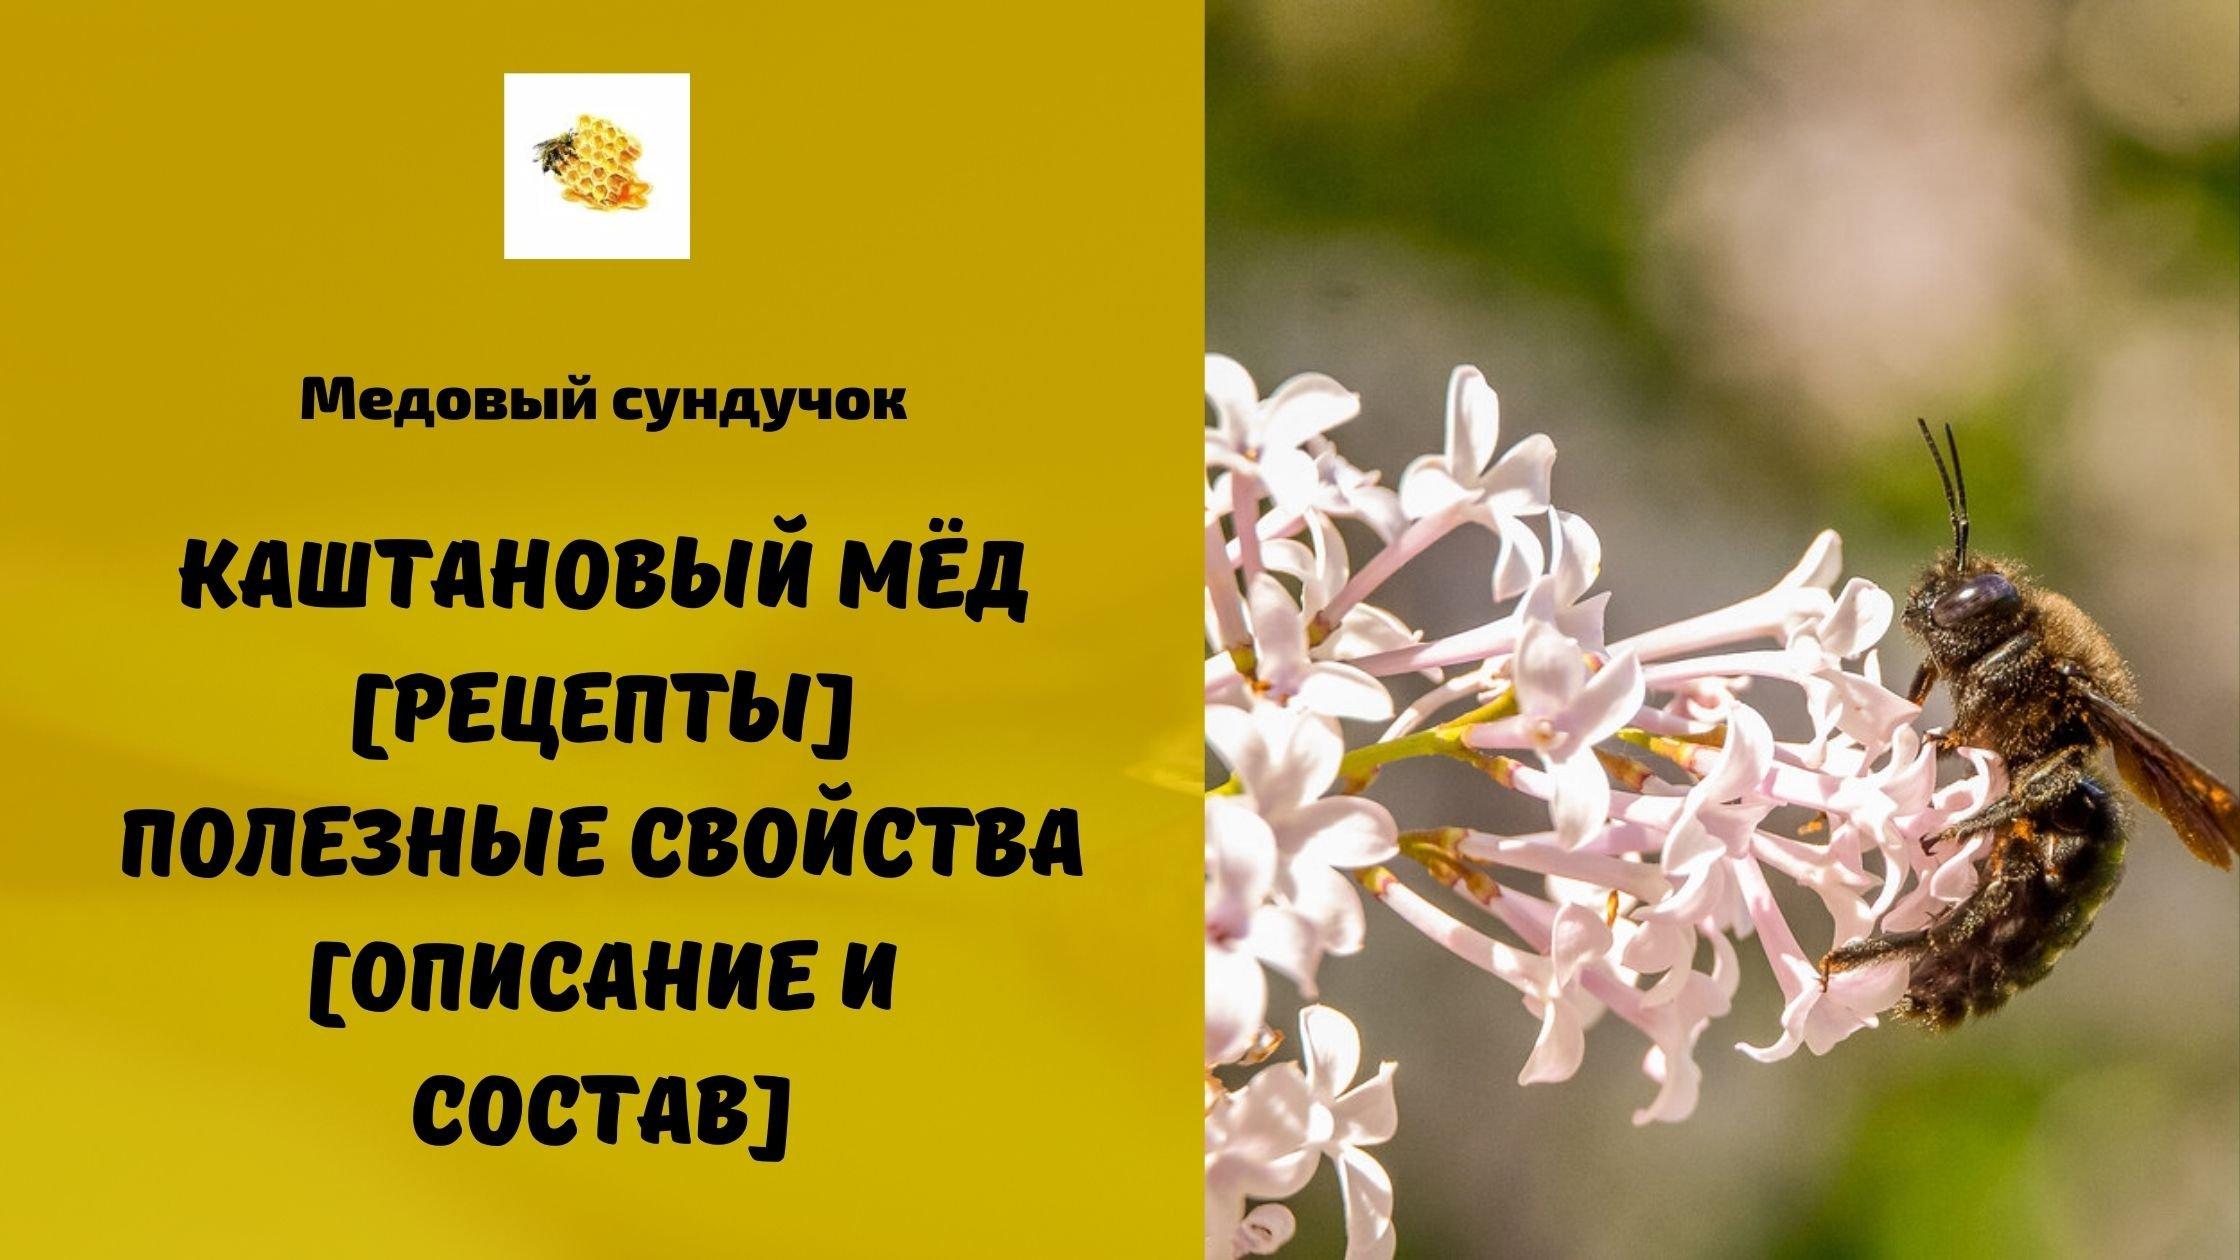 Каштановый мёд [Рецепты] Полезные свойства [Описание и состав]